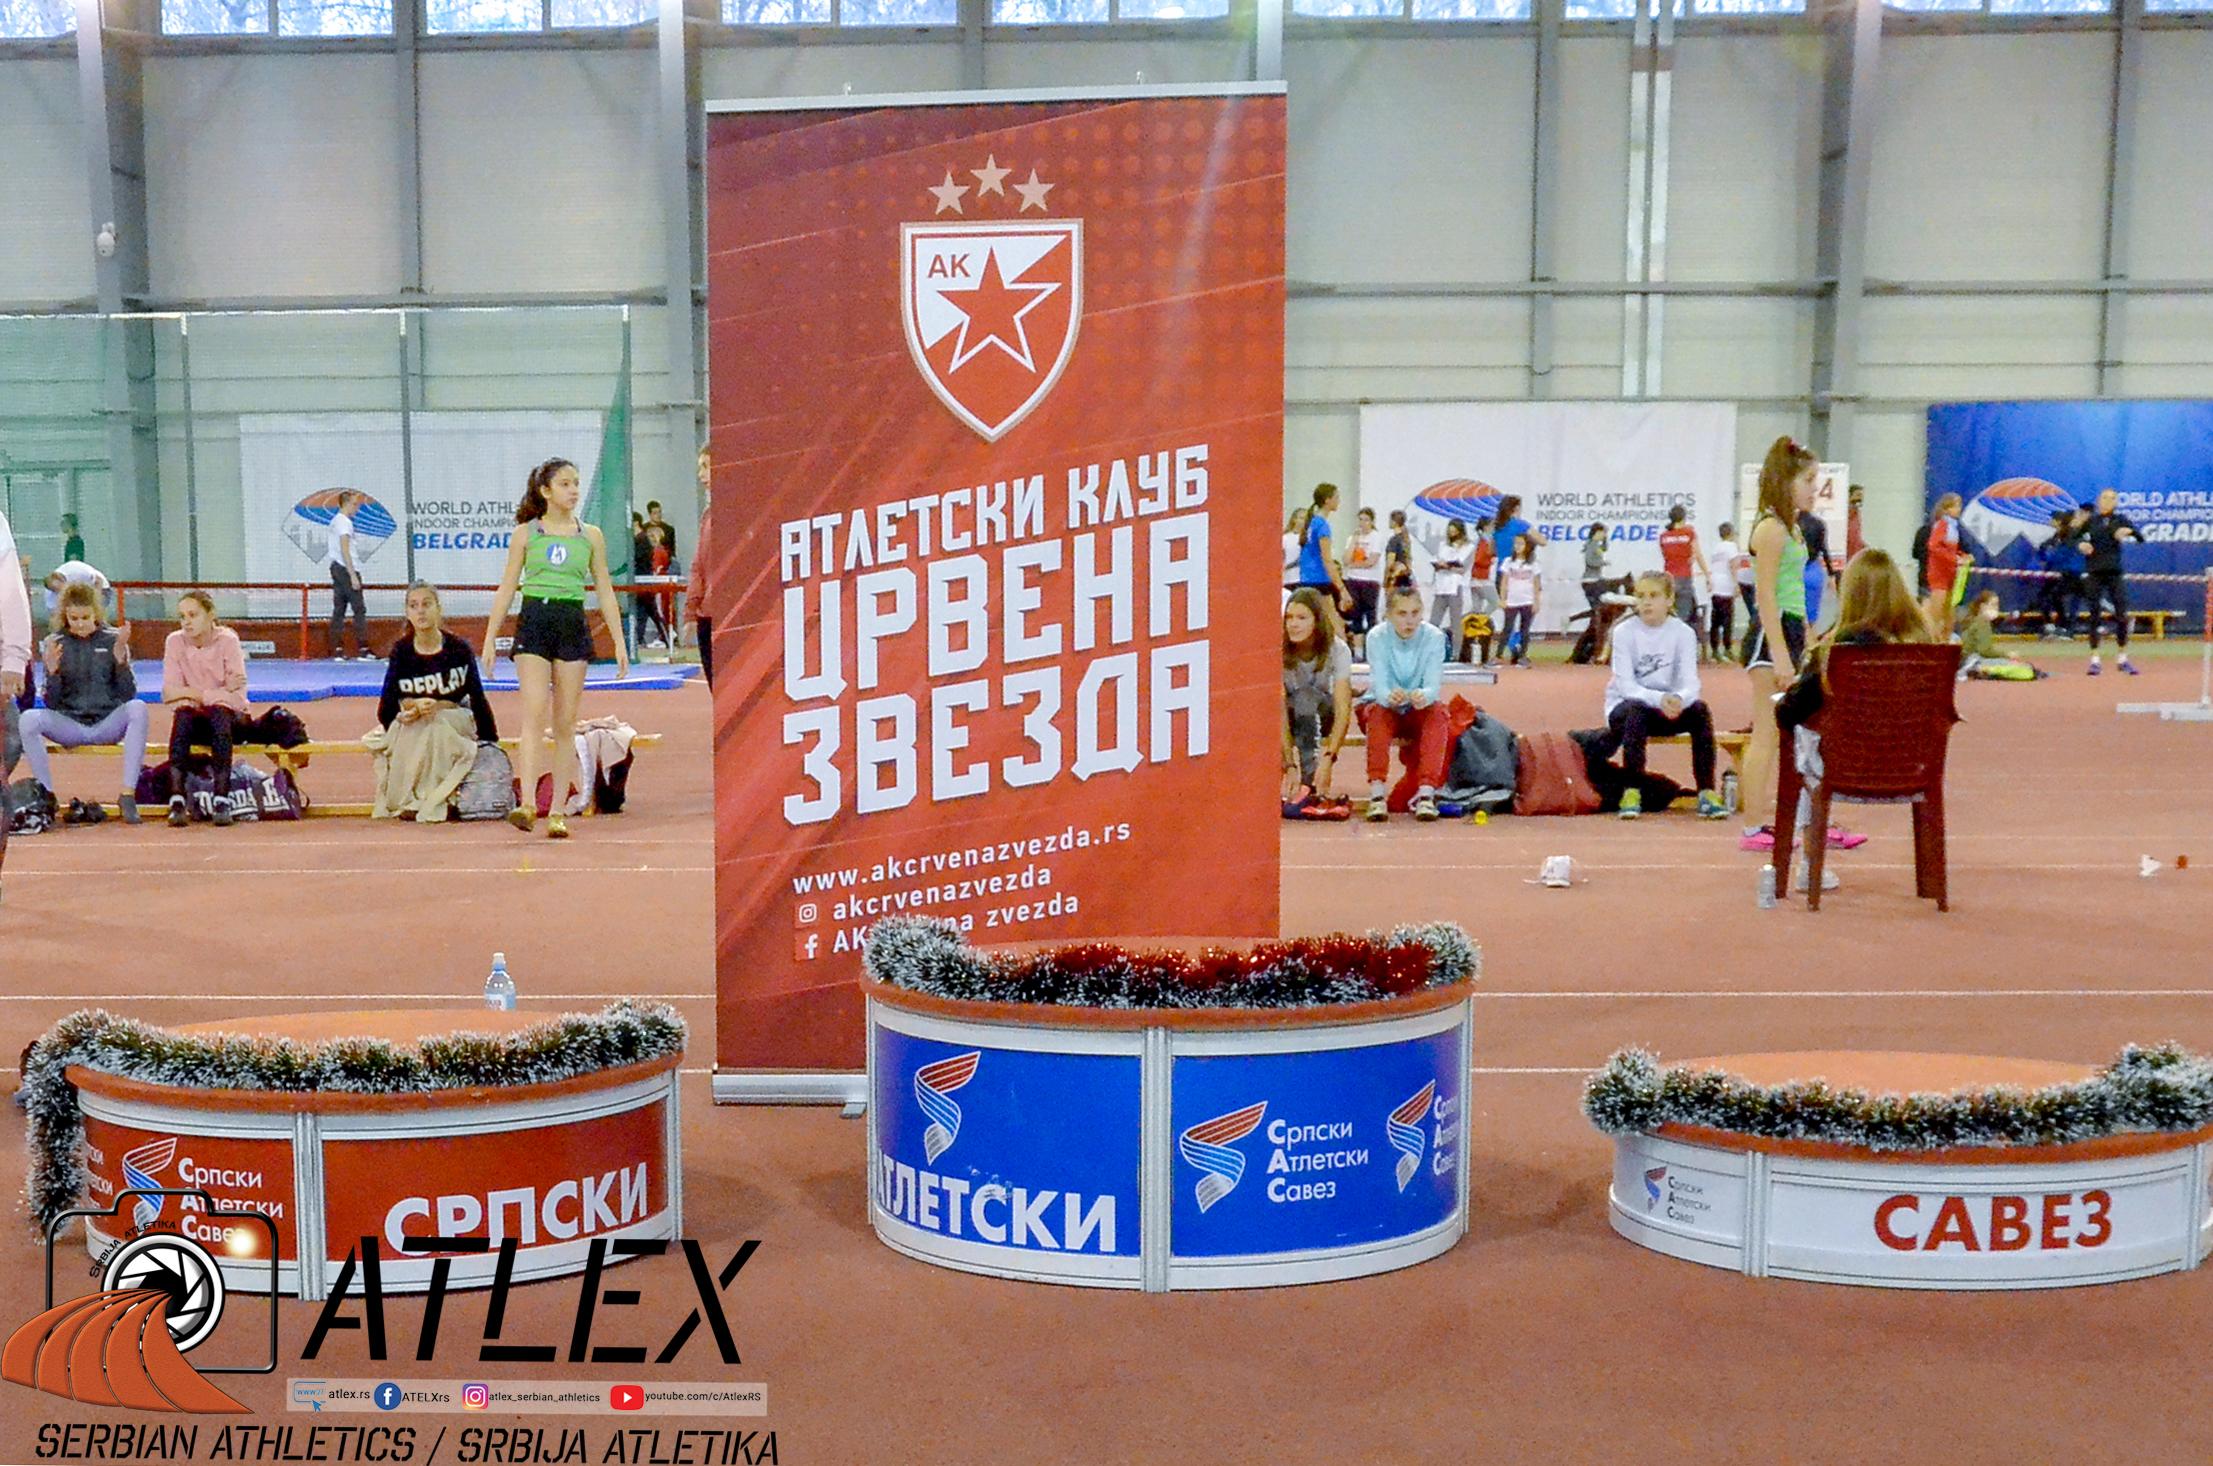 Atletski miting AK Crvena zvezda